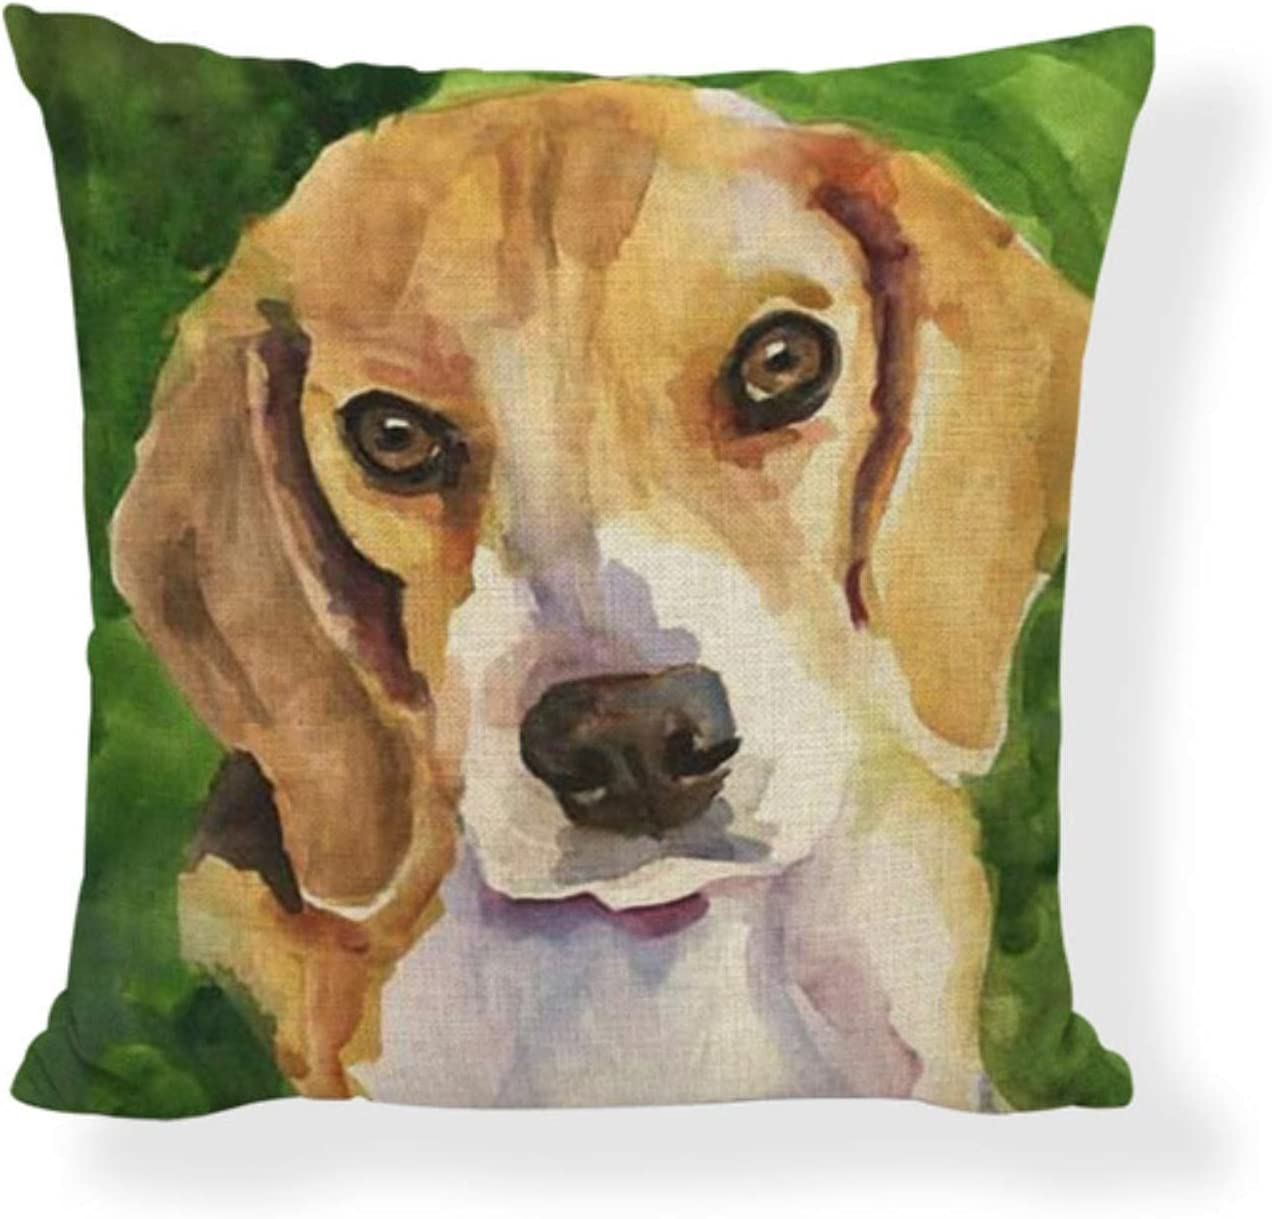 JimAndAlice Pintura al óleo Funda de cojín para Perro Golden Retriever 45 * 45 cm Bulldog francés Samoyedo Poodle Terrier Funda de Almohada decoración de la habitación del hogar